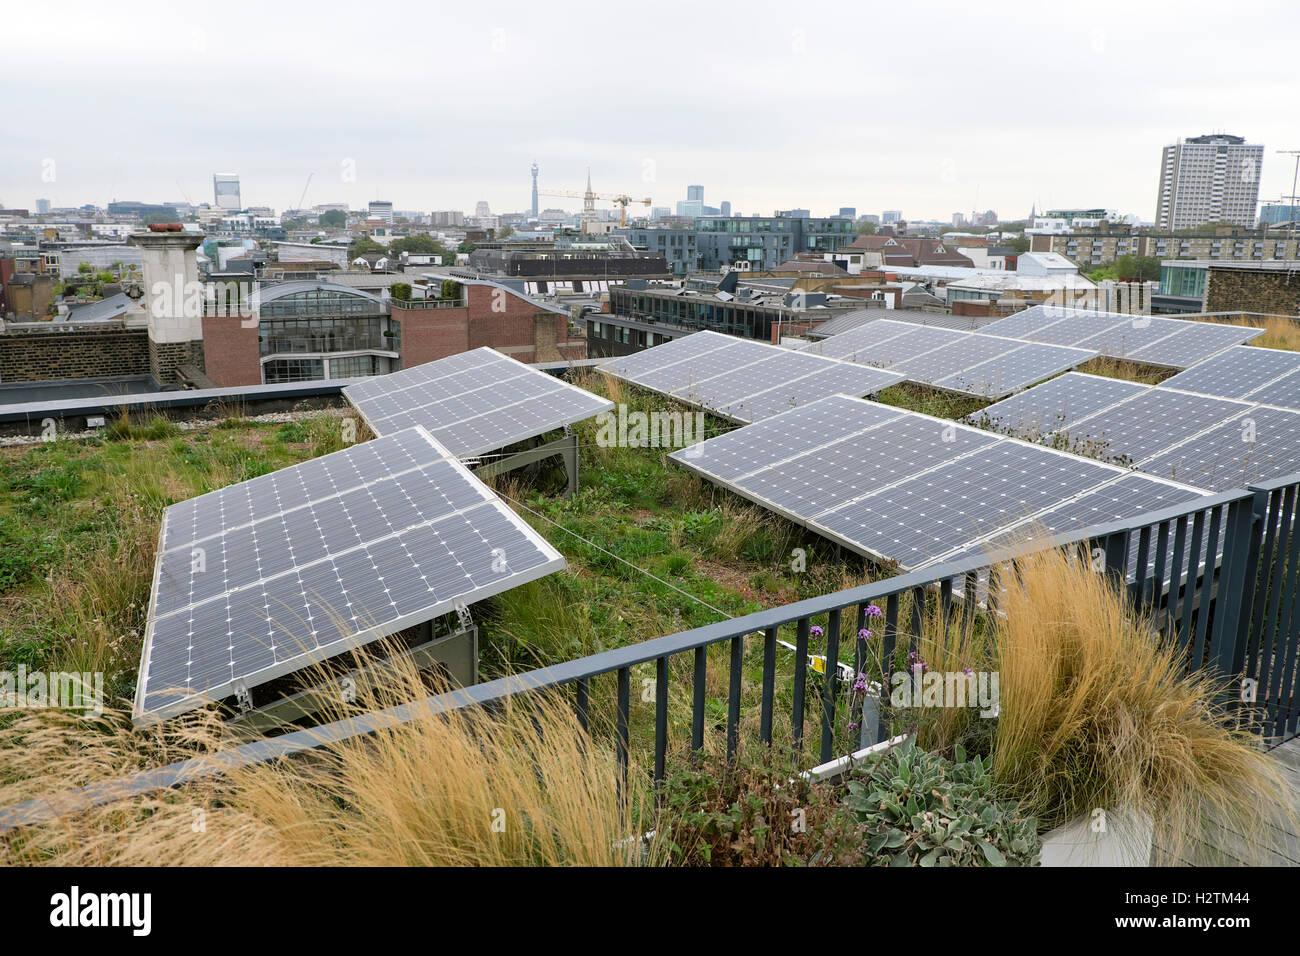 Paneles solares en el jardín en la azotea de la oficina de arquitectos AHMM en 'Open House' de 2016 Imagen De Stock